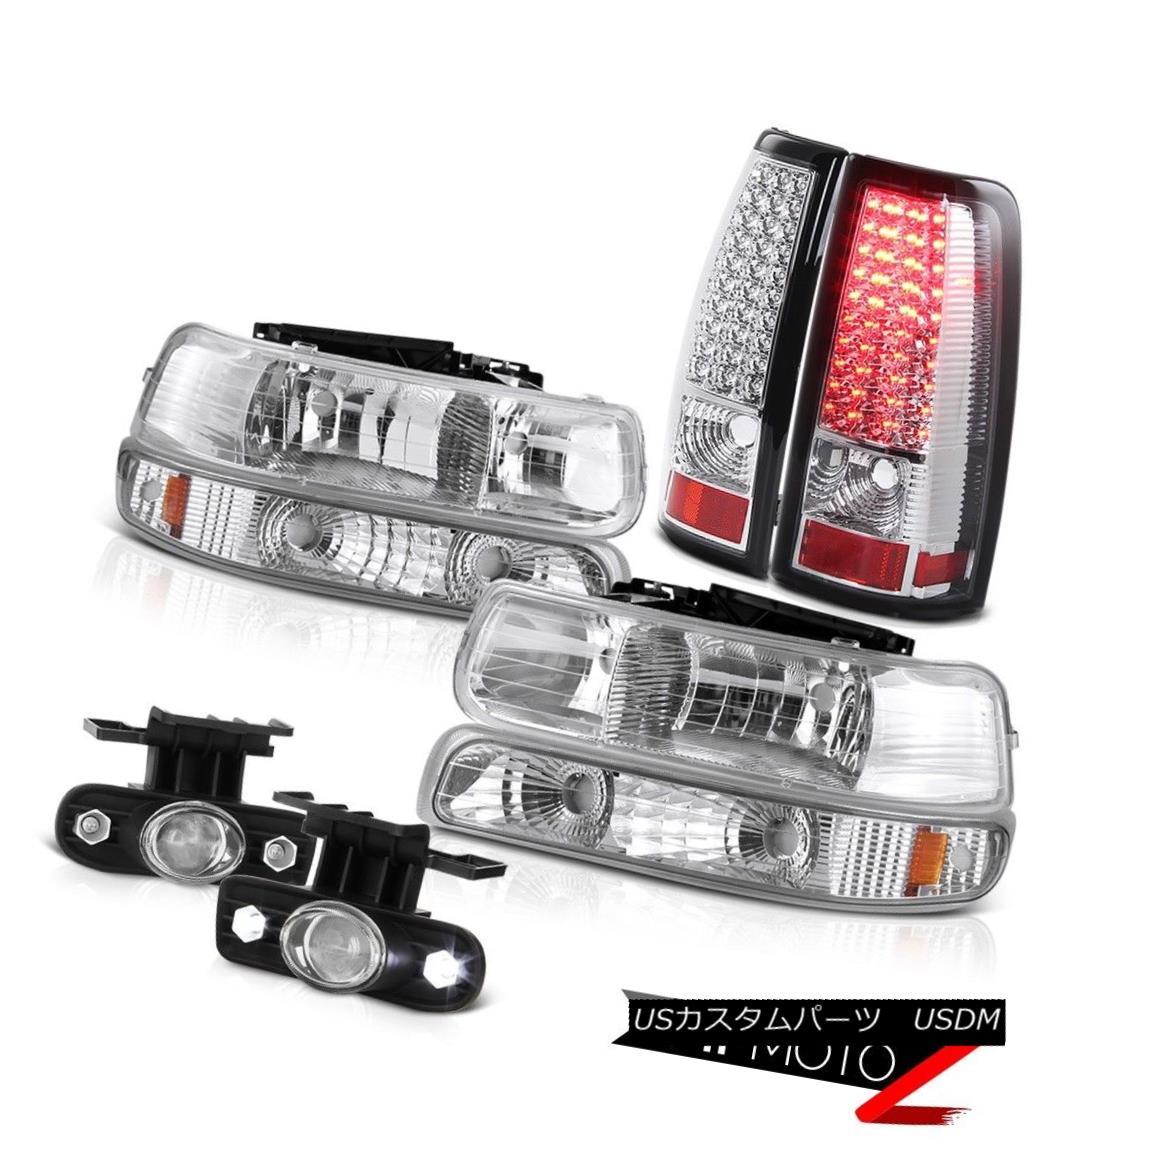 テールライト 1999-2002 Silverado Extended Regular Headlamps Bright LED Tail Lights Fog Lamp 1999-2002シルバラード拡張レギュラーヘッドランプ明るいLEDテールライトフォグランプ